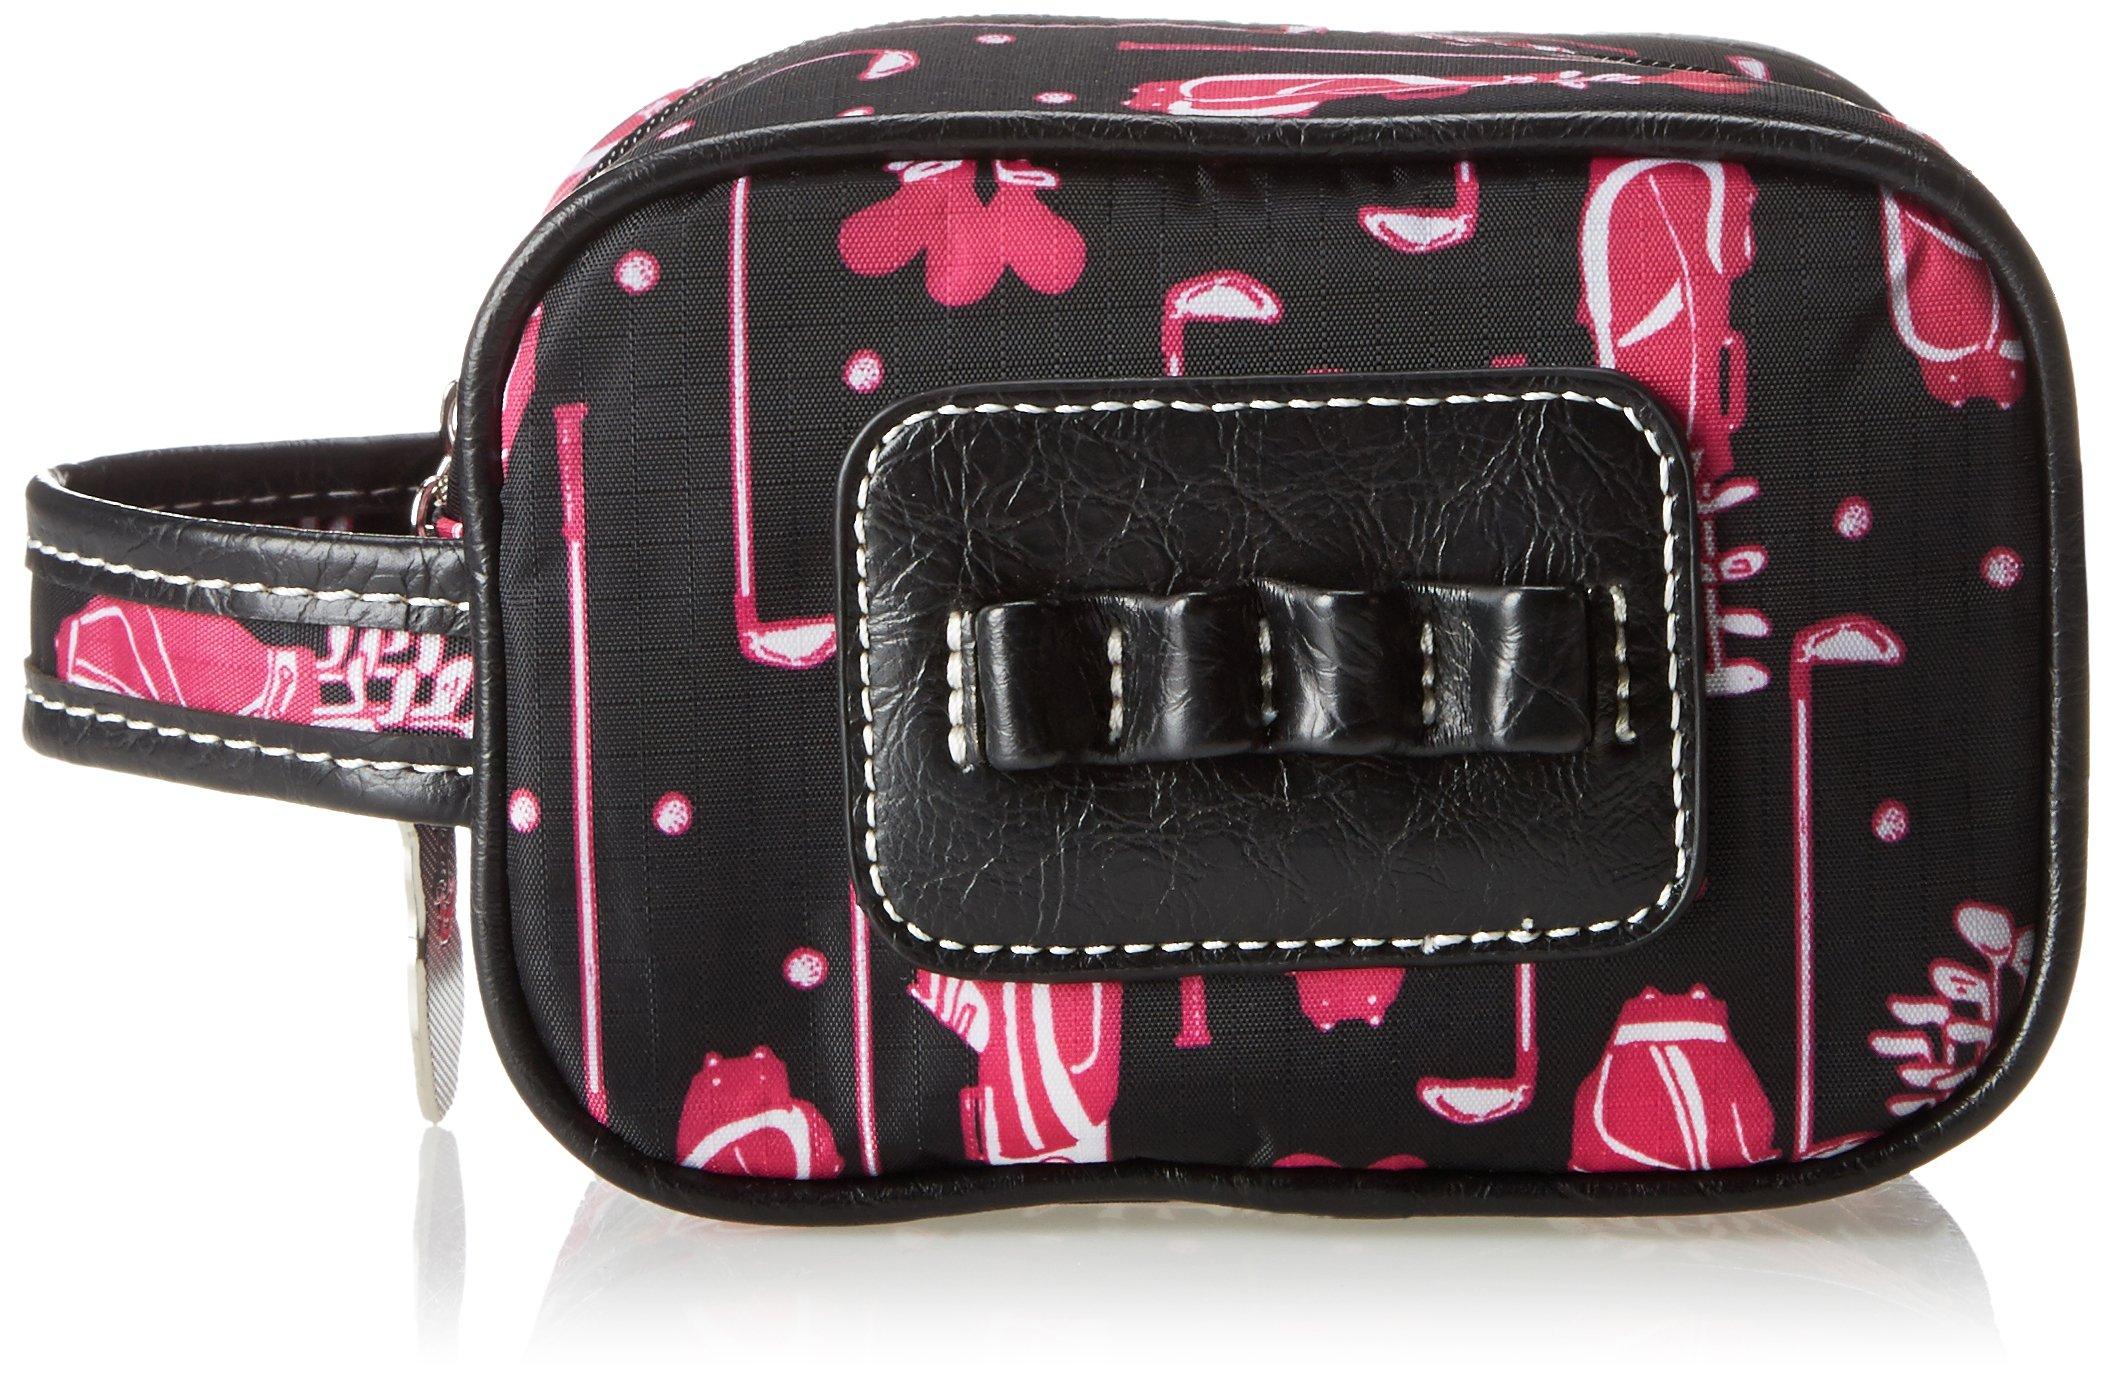 Sydney Love Fuchsia Golf Ladies Caddy Bag Cosmetic Case,Multi,One Size